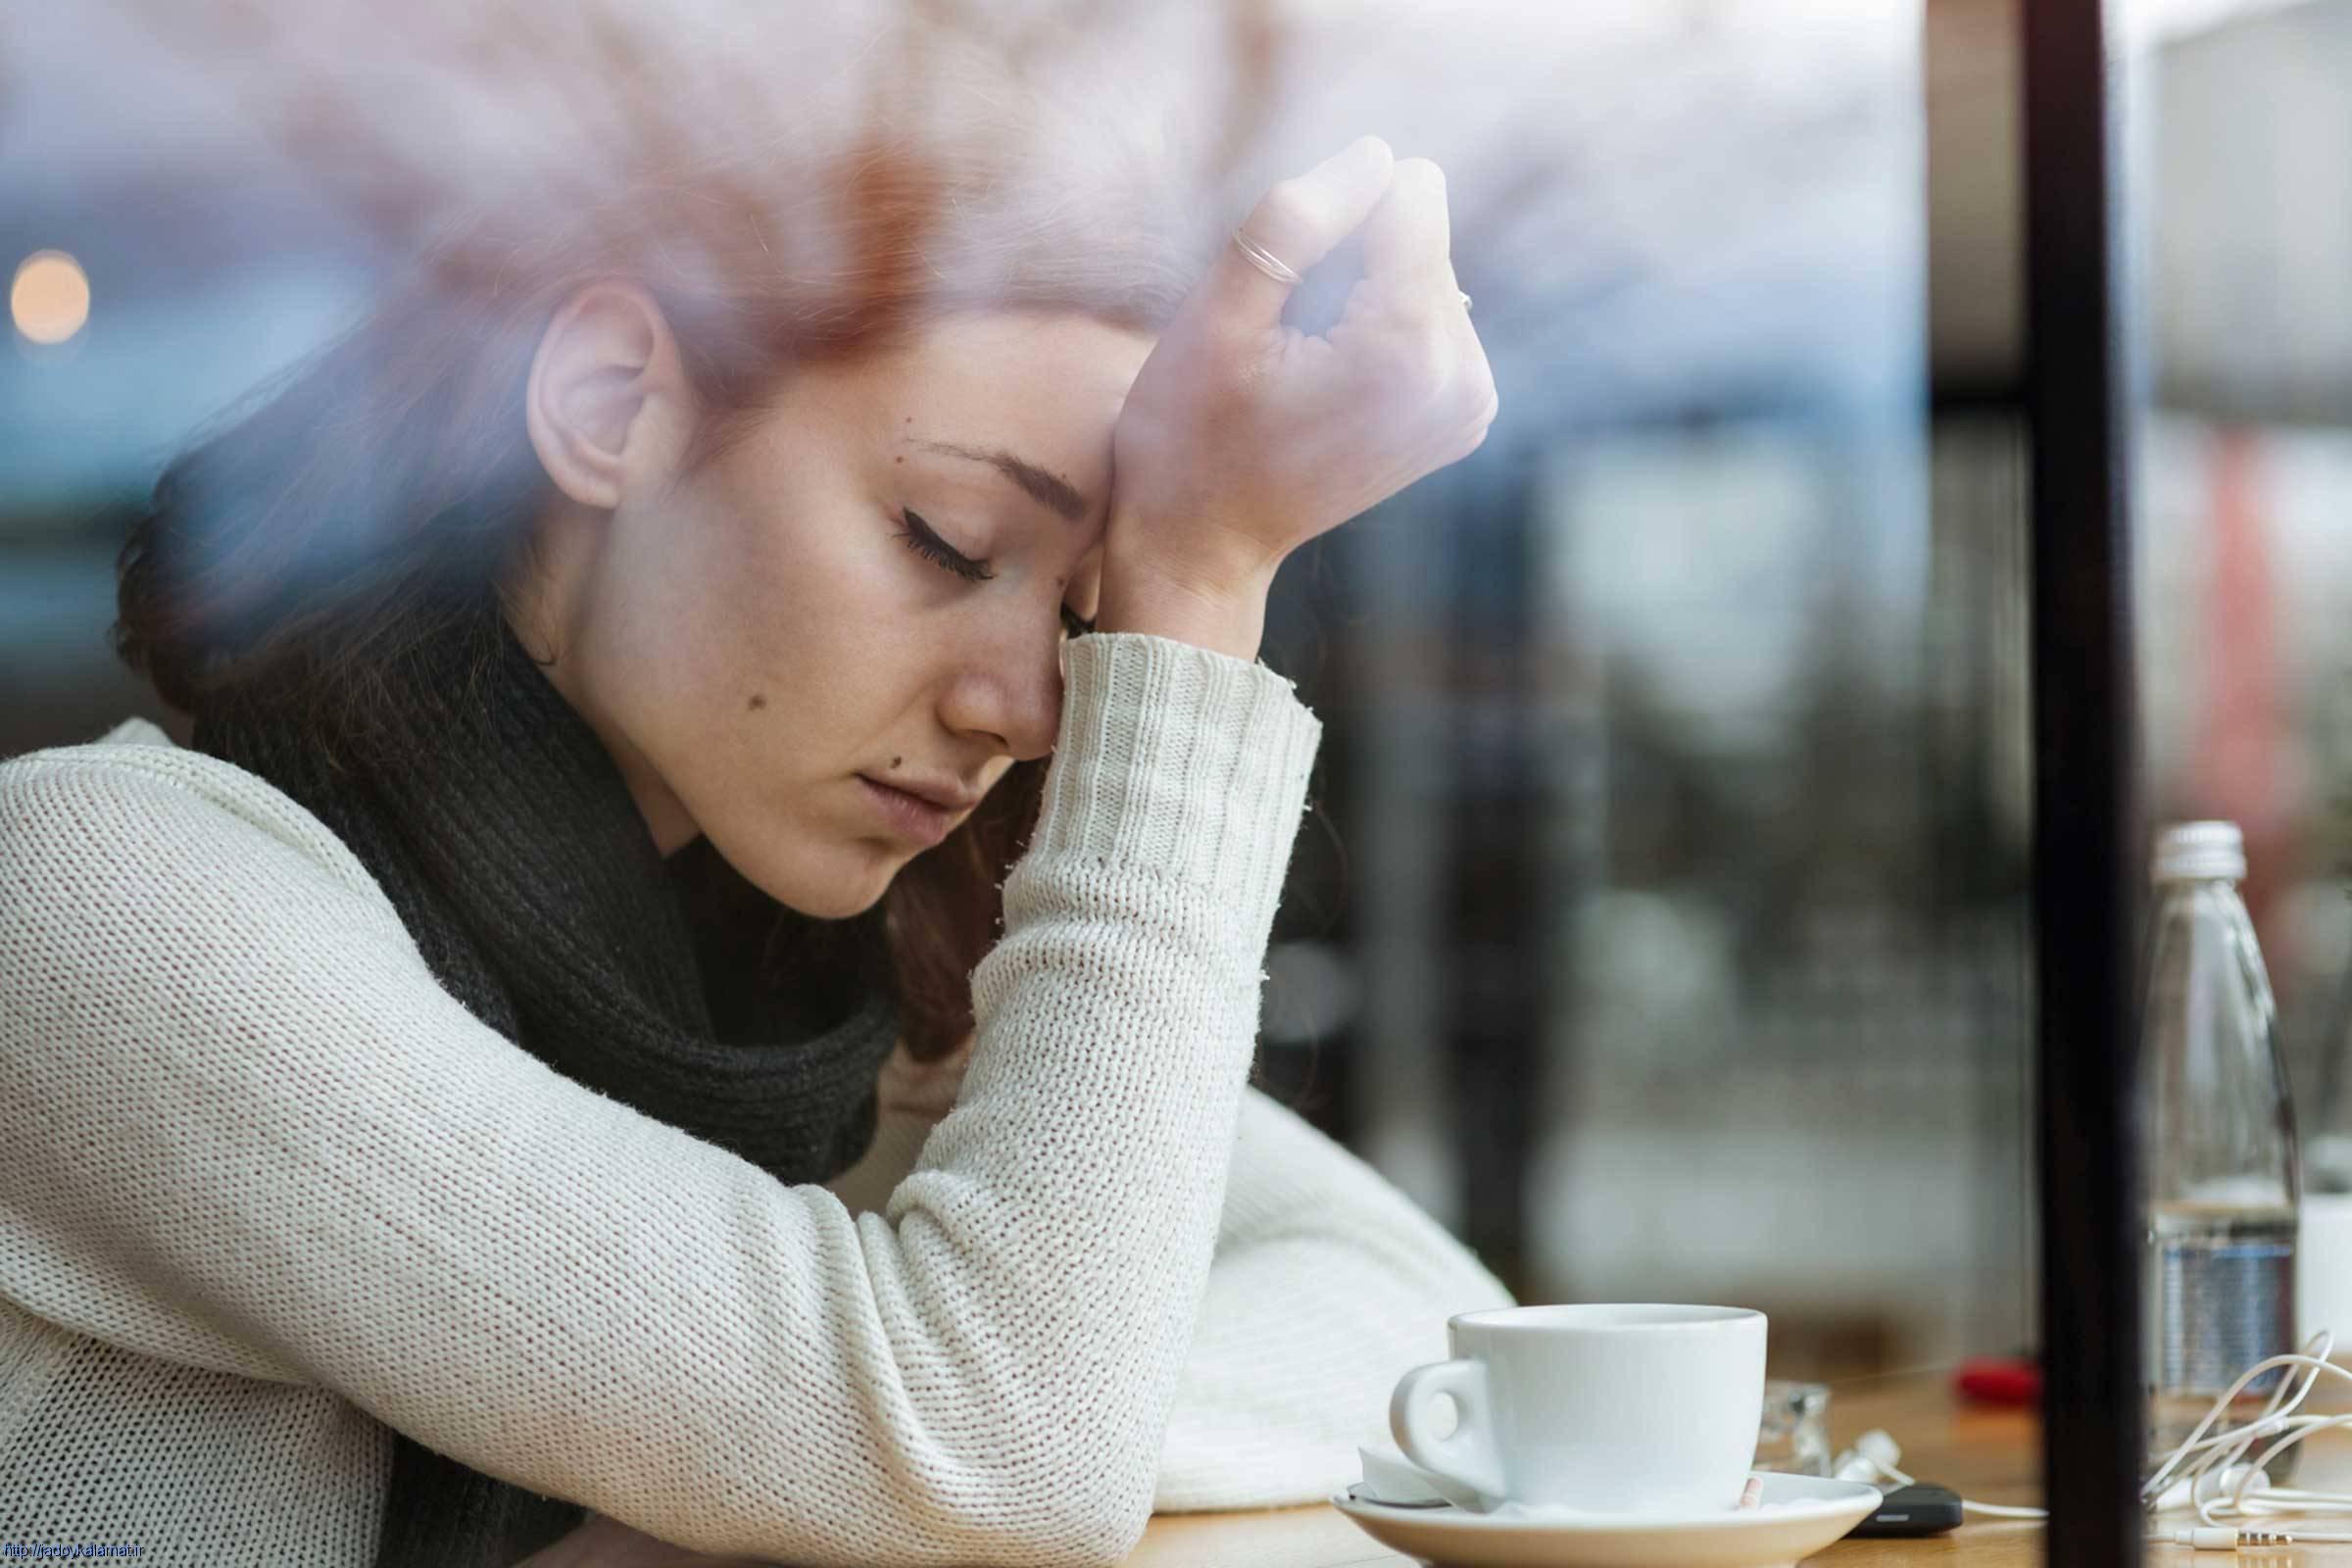 روش هایی کنترل استرس و نگرانی شدید